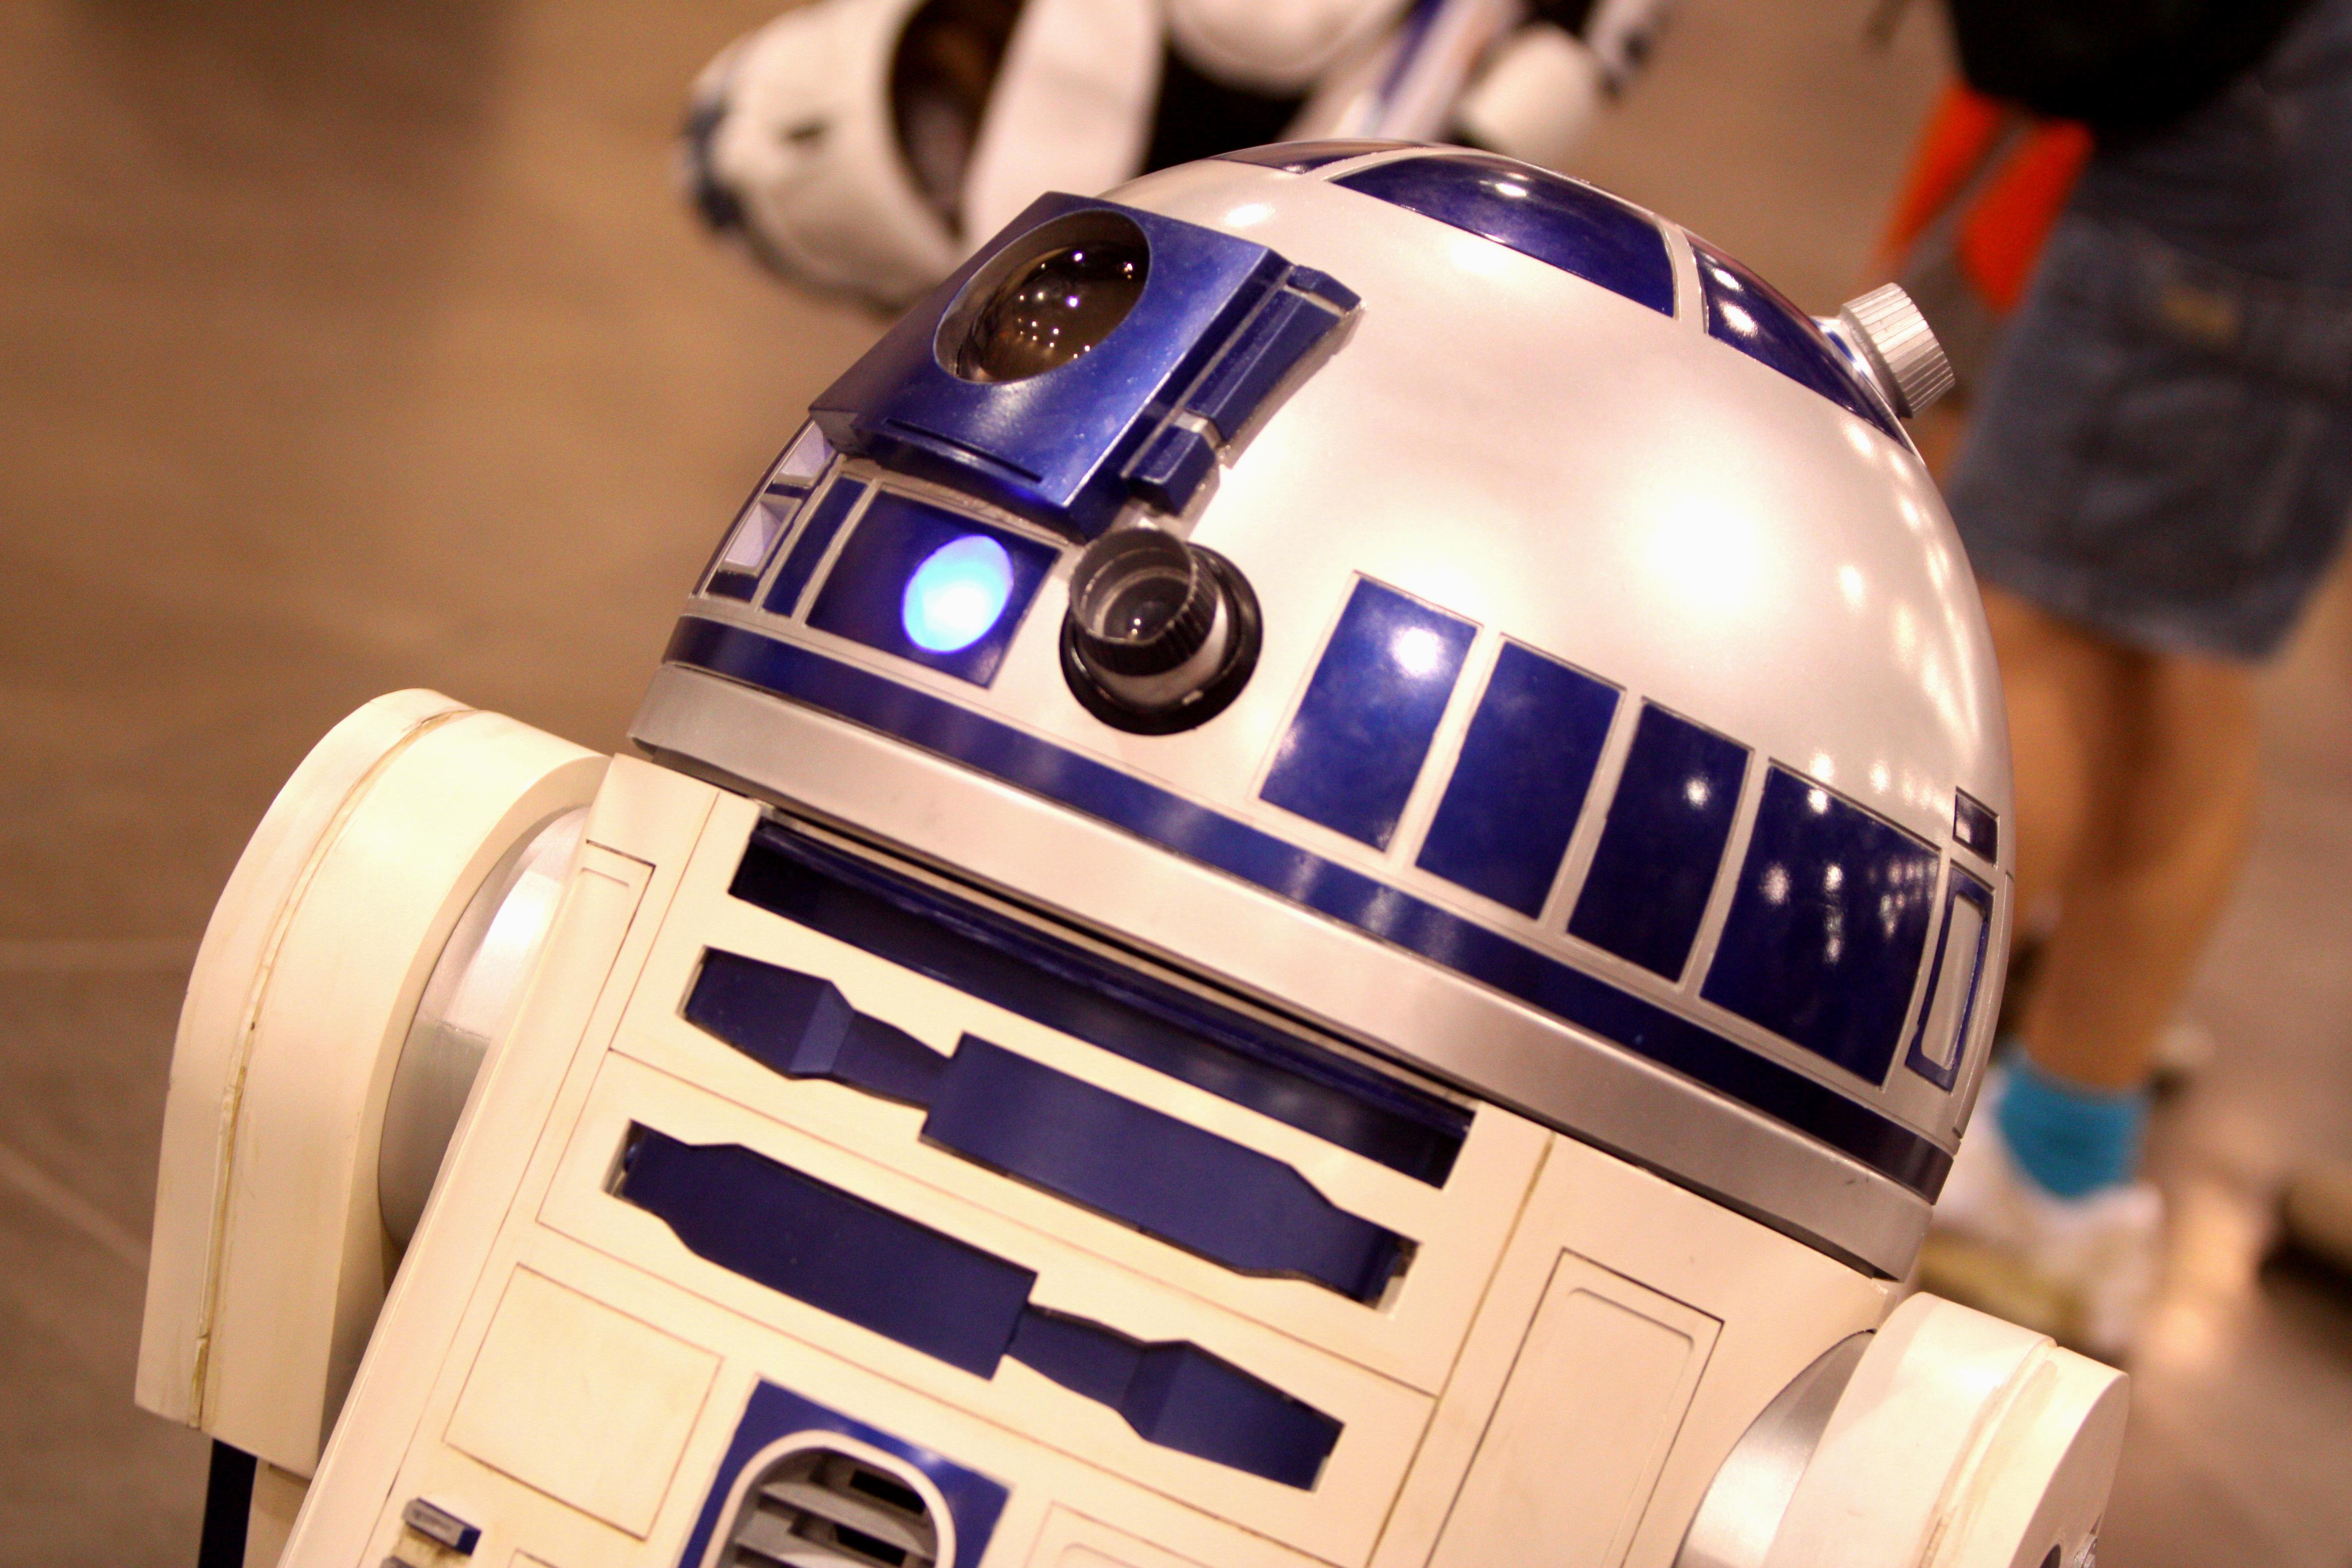 Il Rinascimento Italiano passa per il futuro della robotica